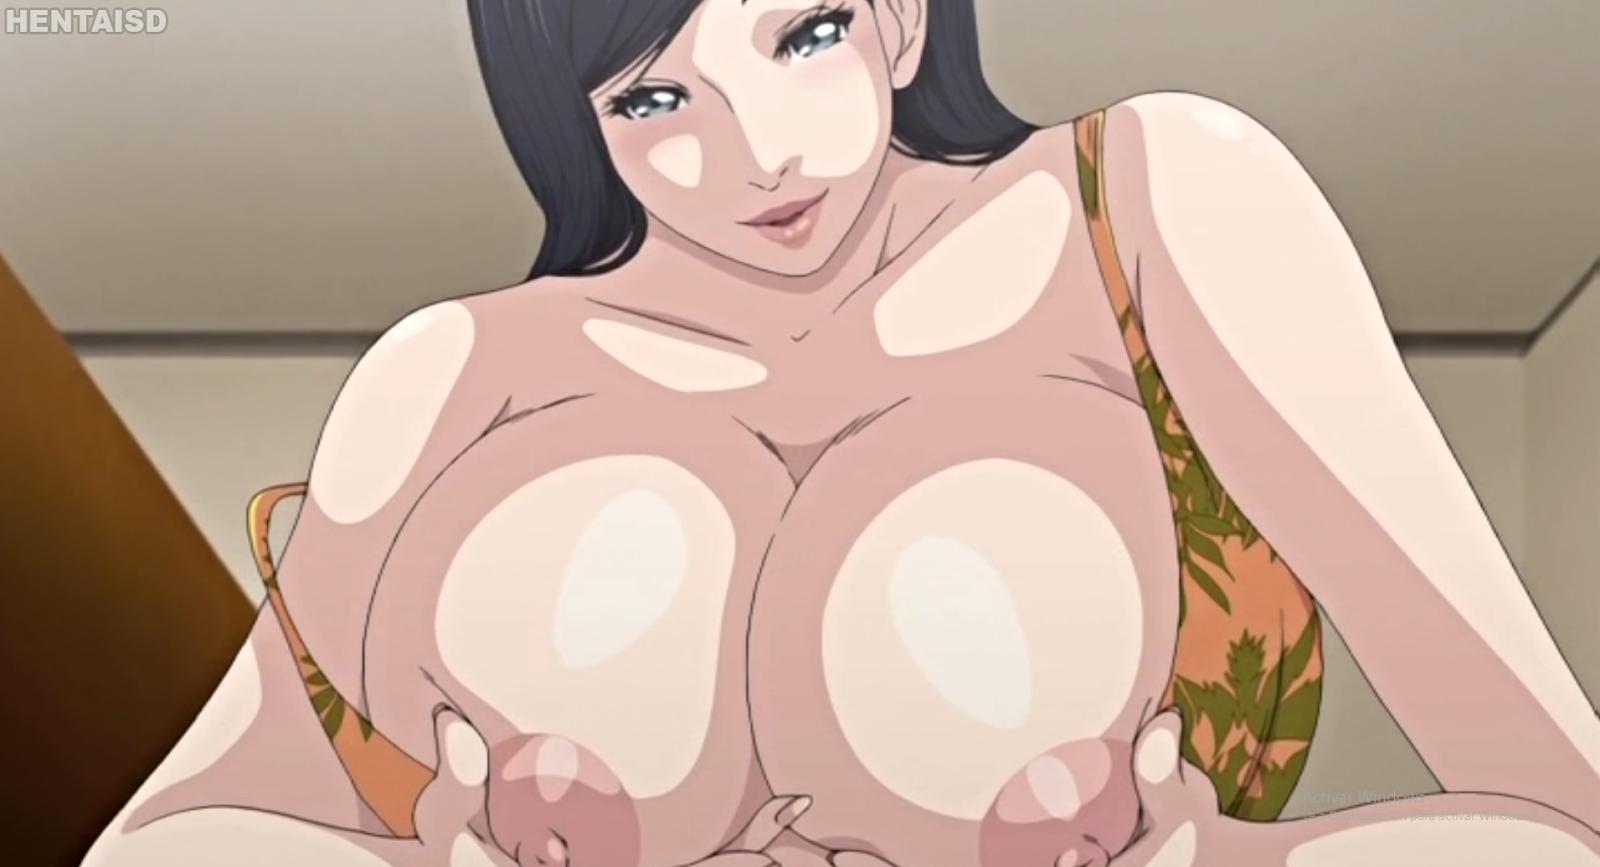 Boku to Sensei to Tomodachi no Mama 2 - tetonas hentai